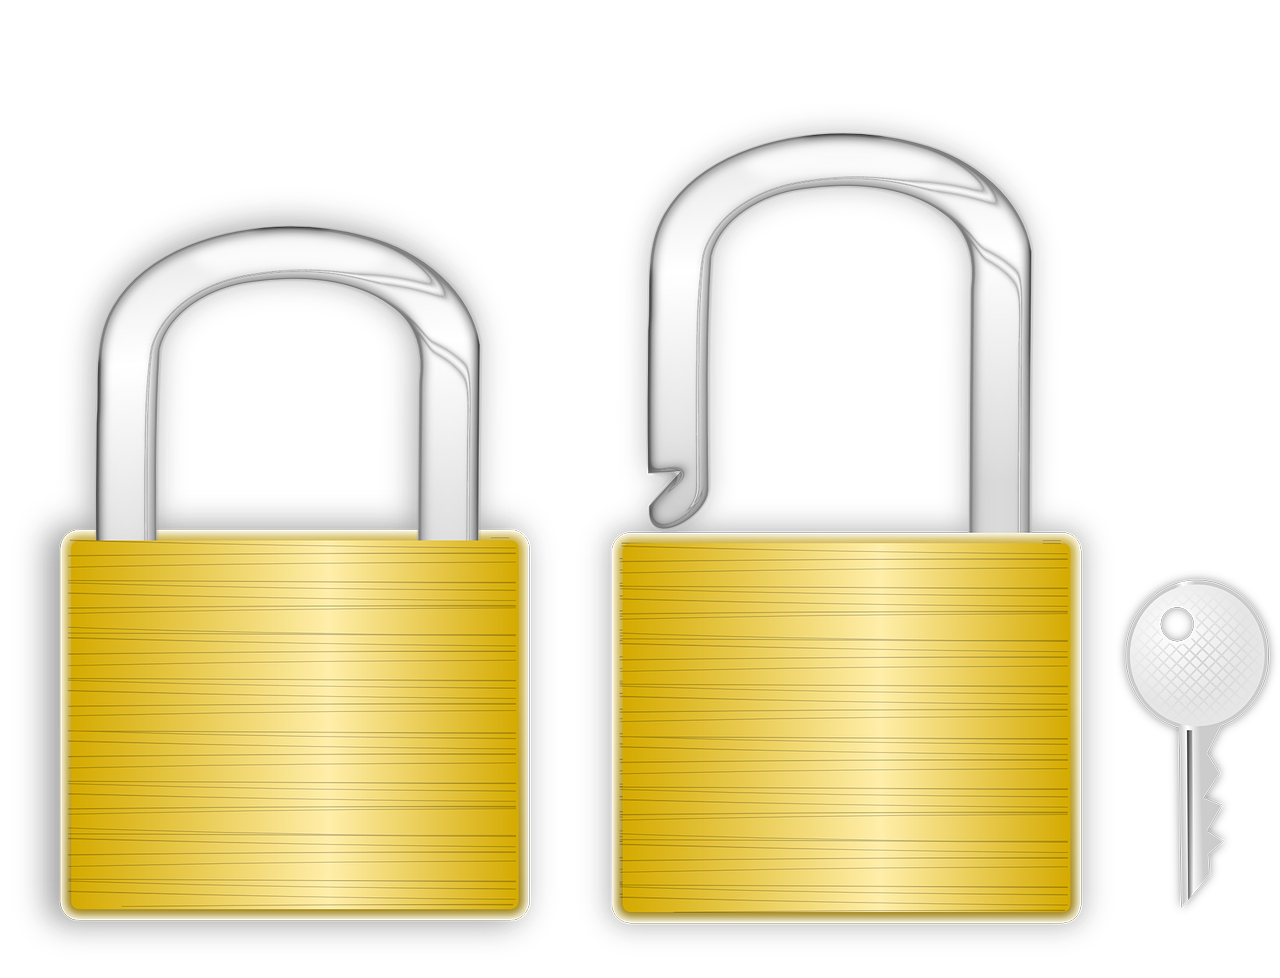 FreeBSD wget не может проверить сертификат, выданный Let's Encrypt